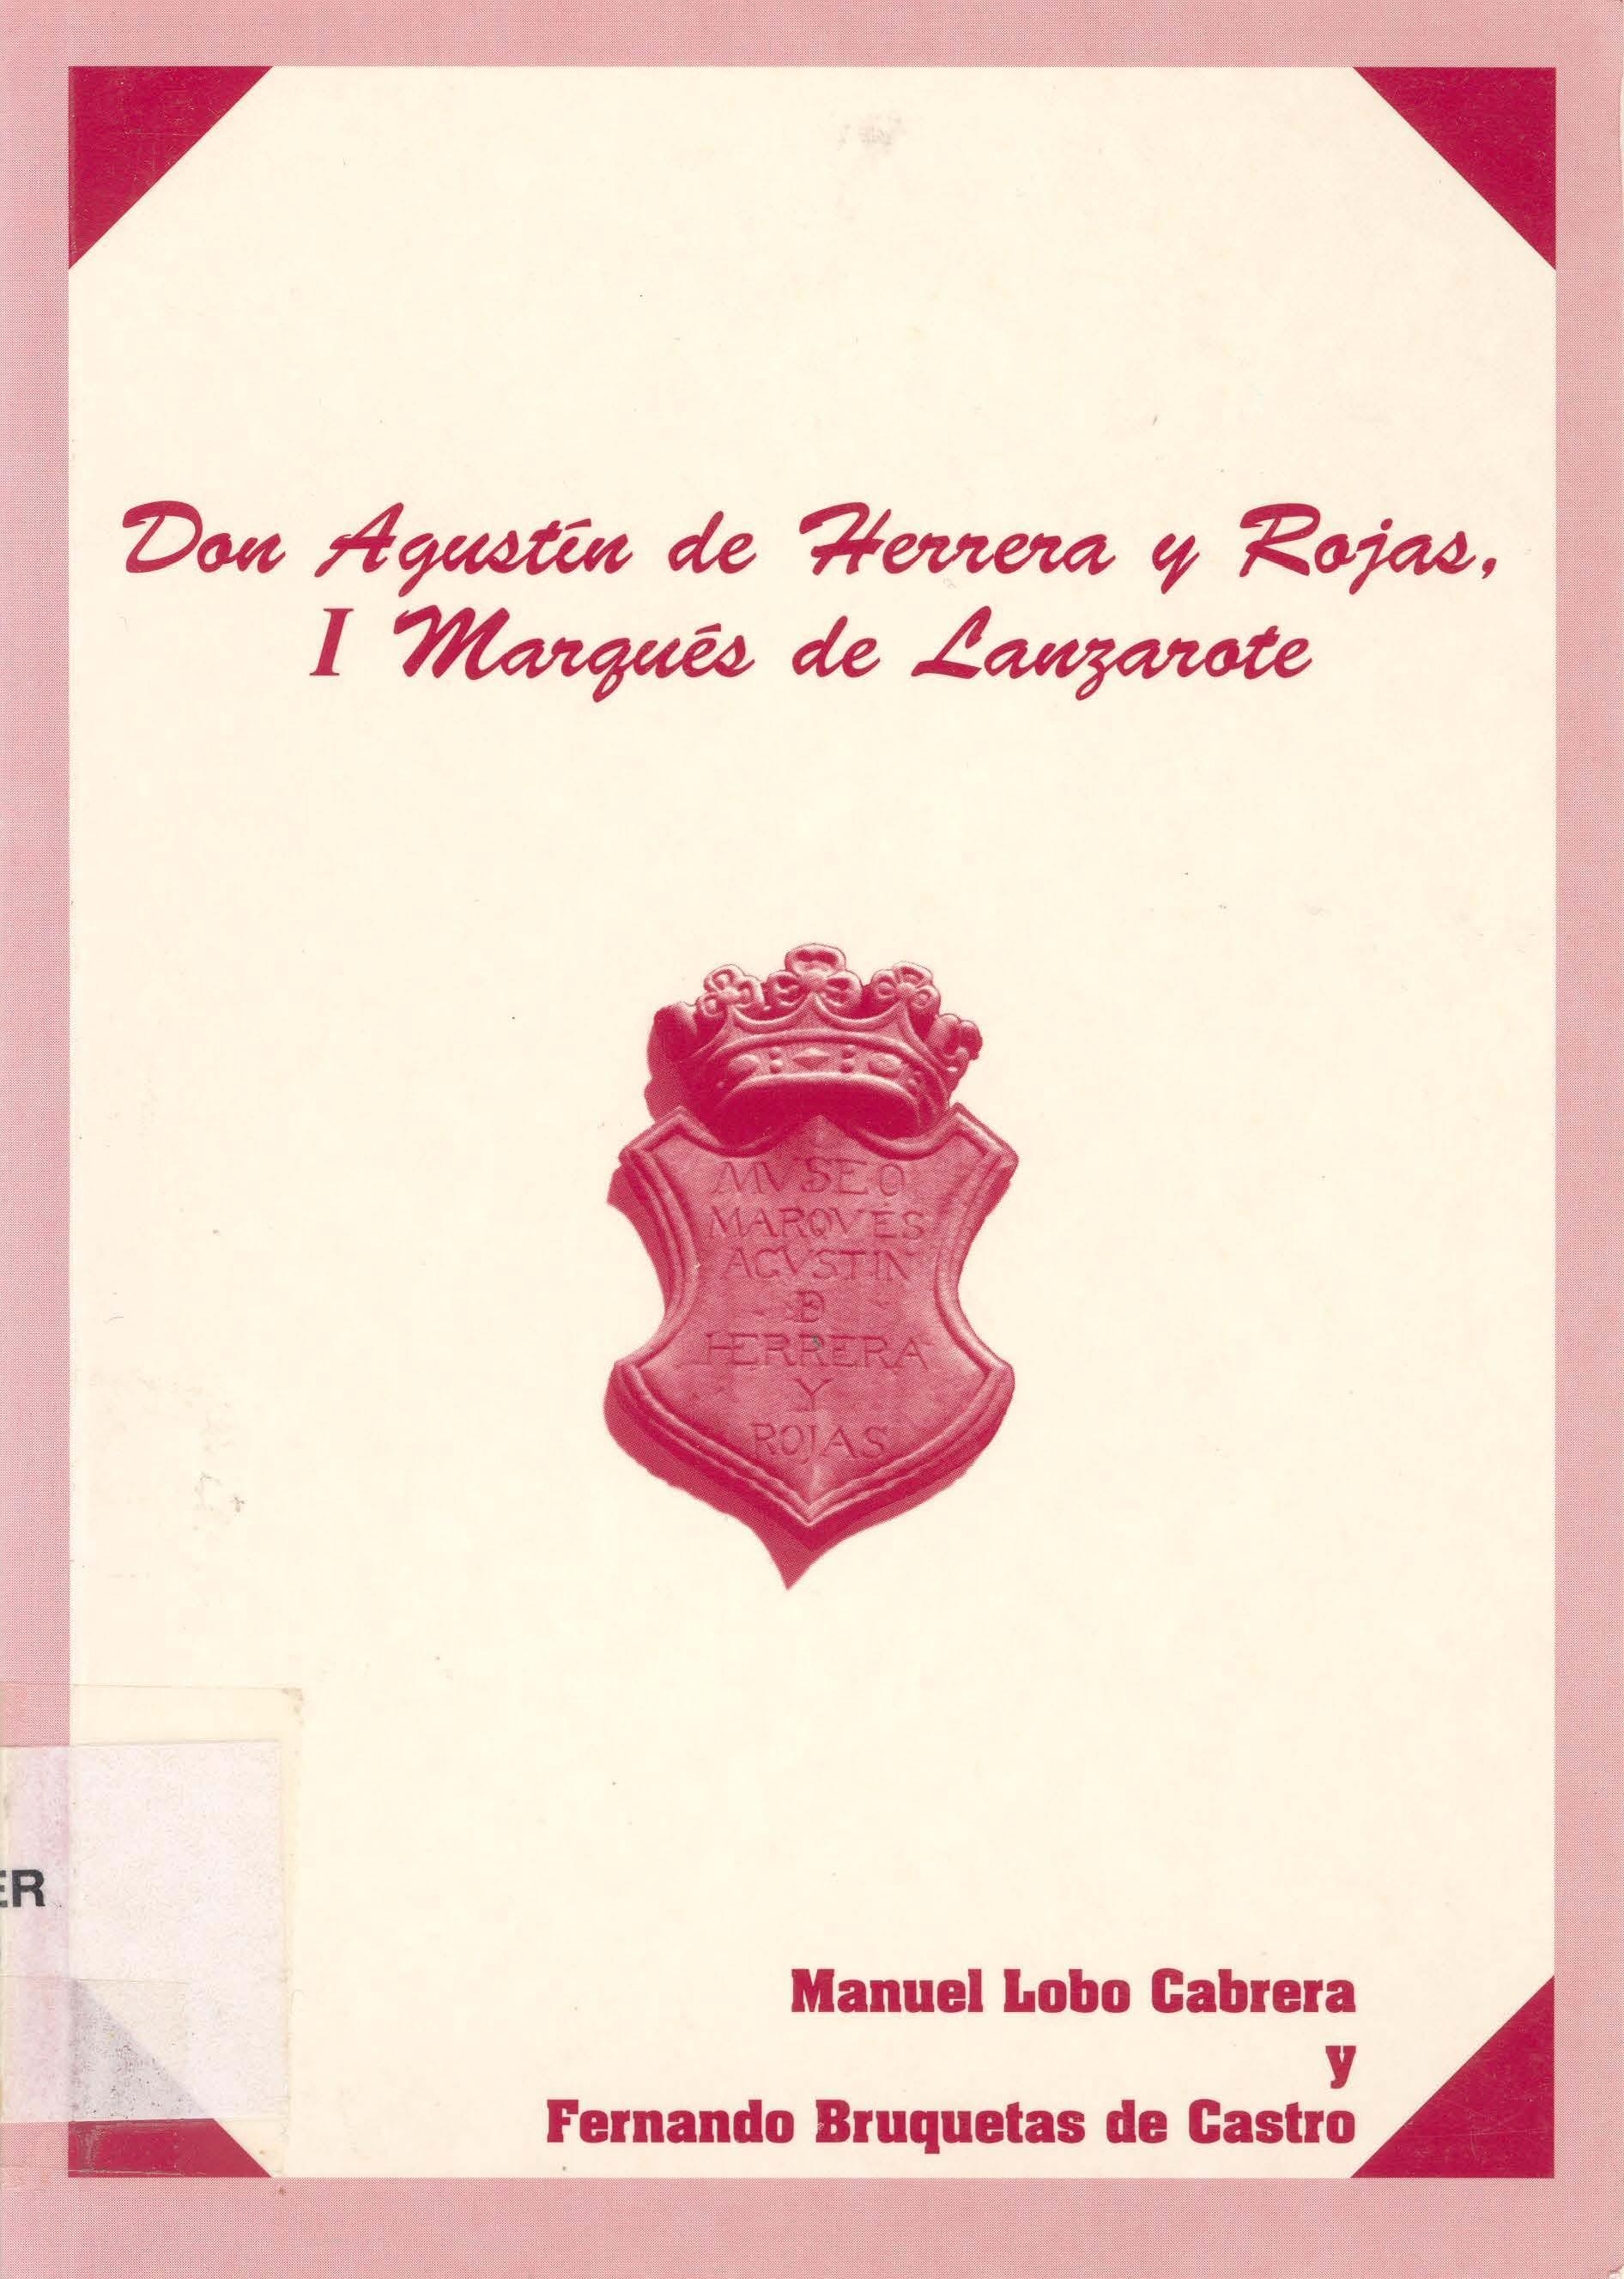 Don Agustín de Herrera y Rojas, I Marqués de Lanzarote